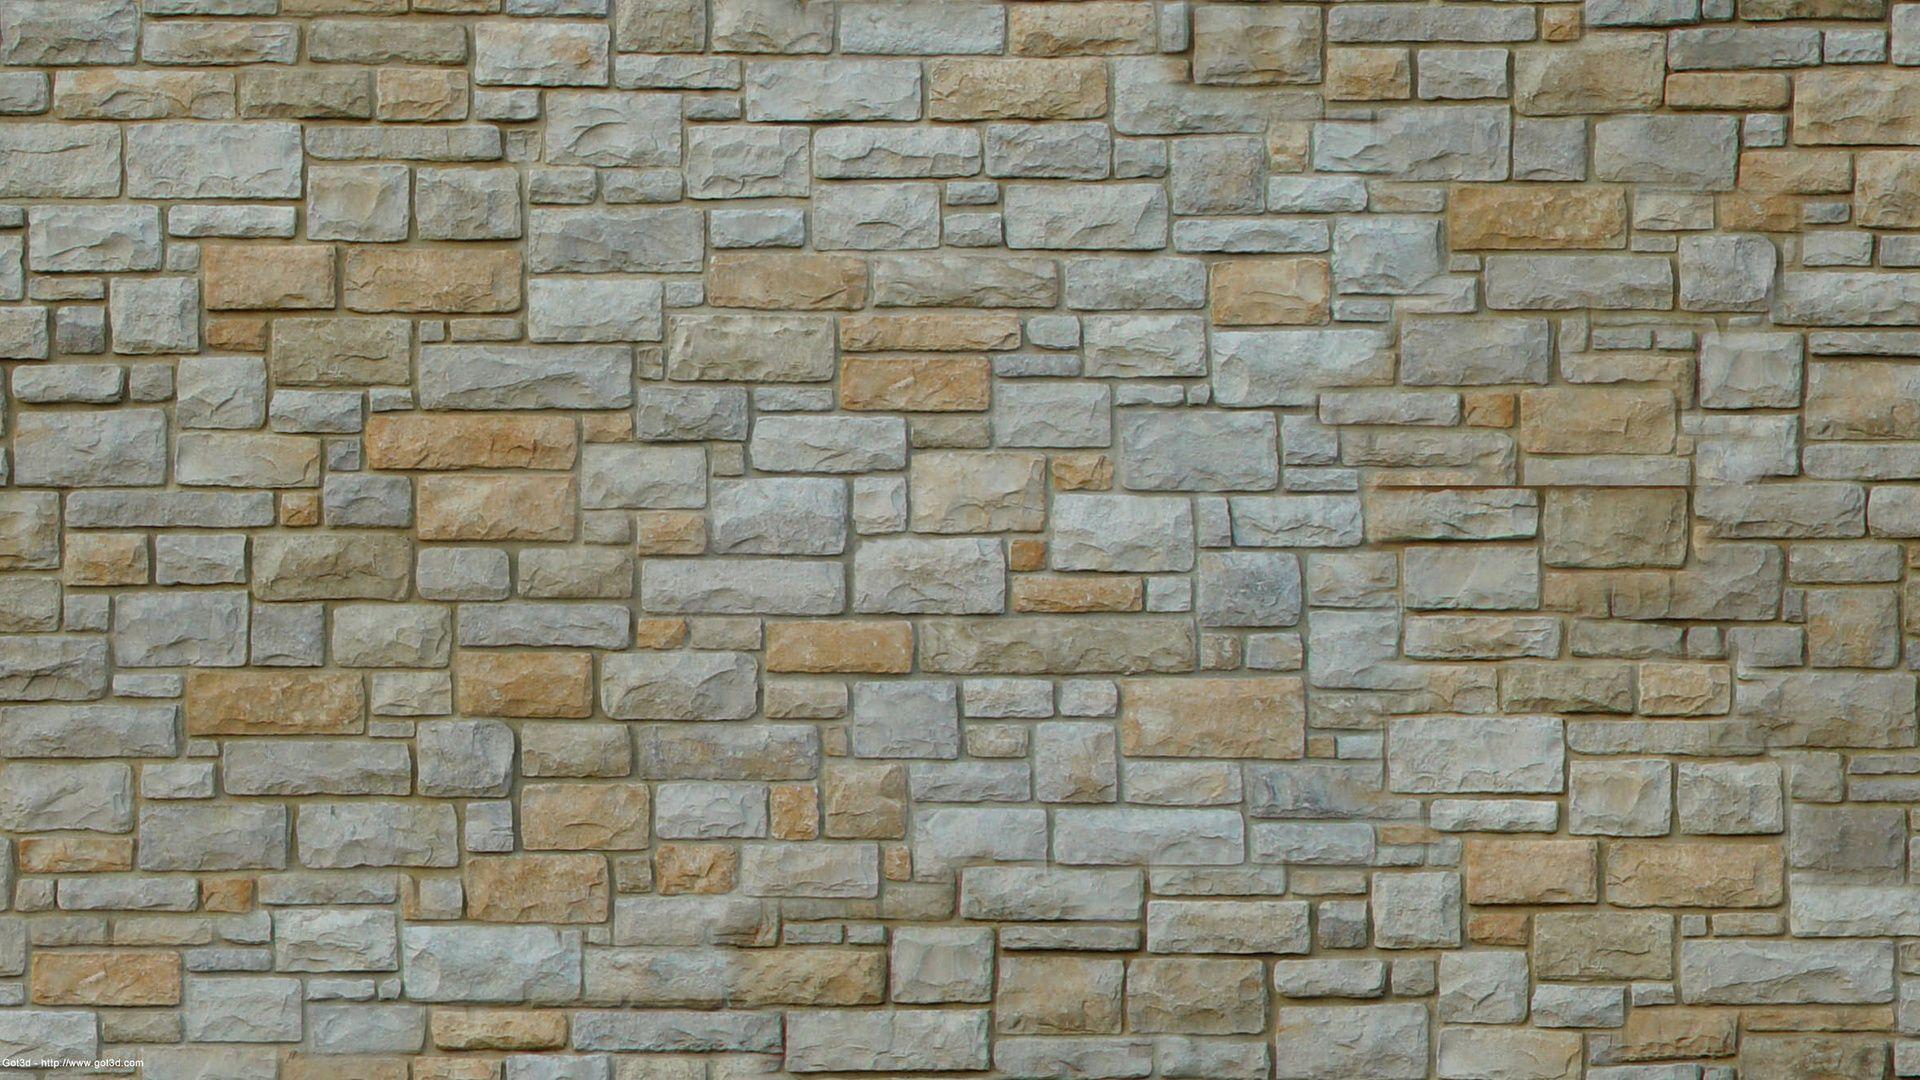 Brick Paper Backdrop computer Wallpaper